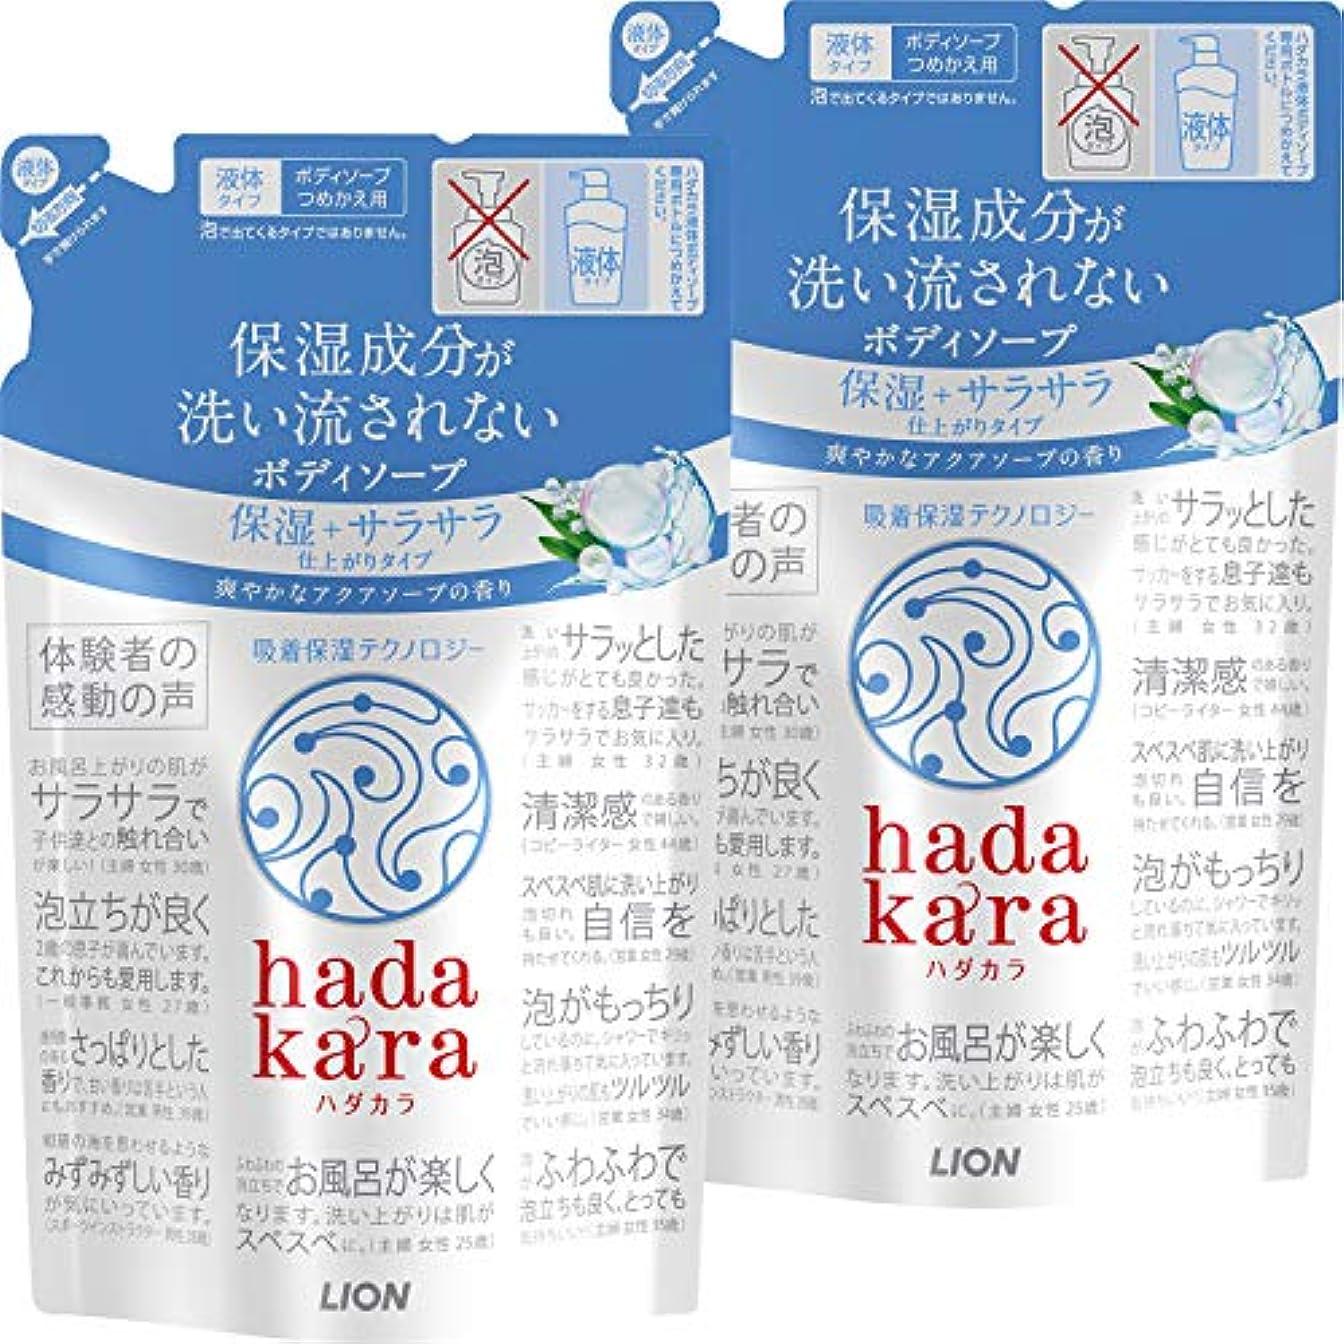 検査簡単なぶどう【まとめ買い】hadakara(ハダカラ) ボディソープ 保湿+サラサラ仕上がりタイプ アクアソープの香り 詰め替え 340ml×2個パック